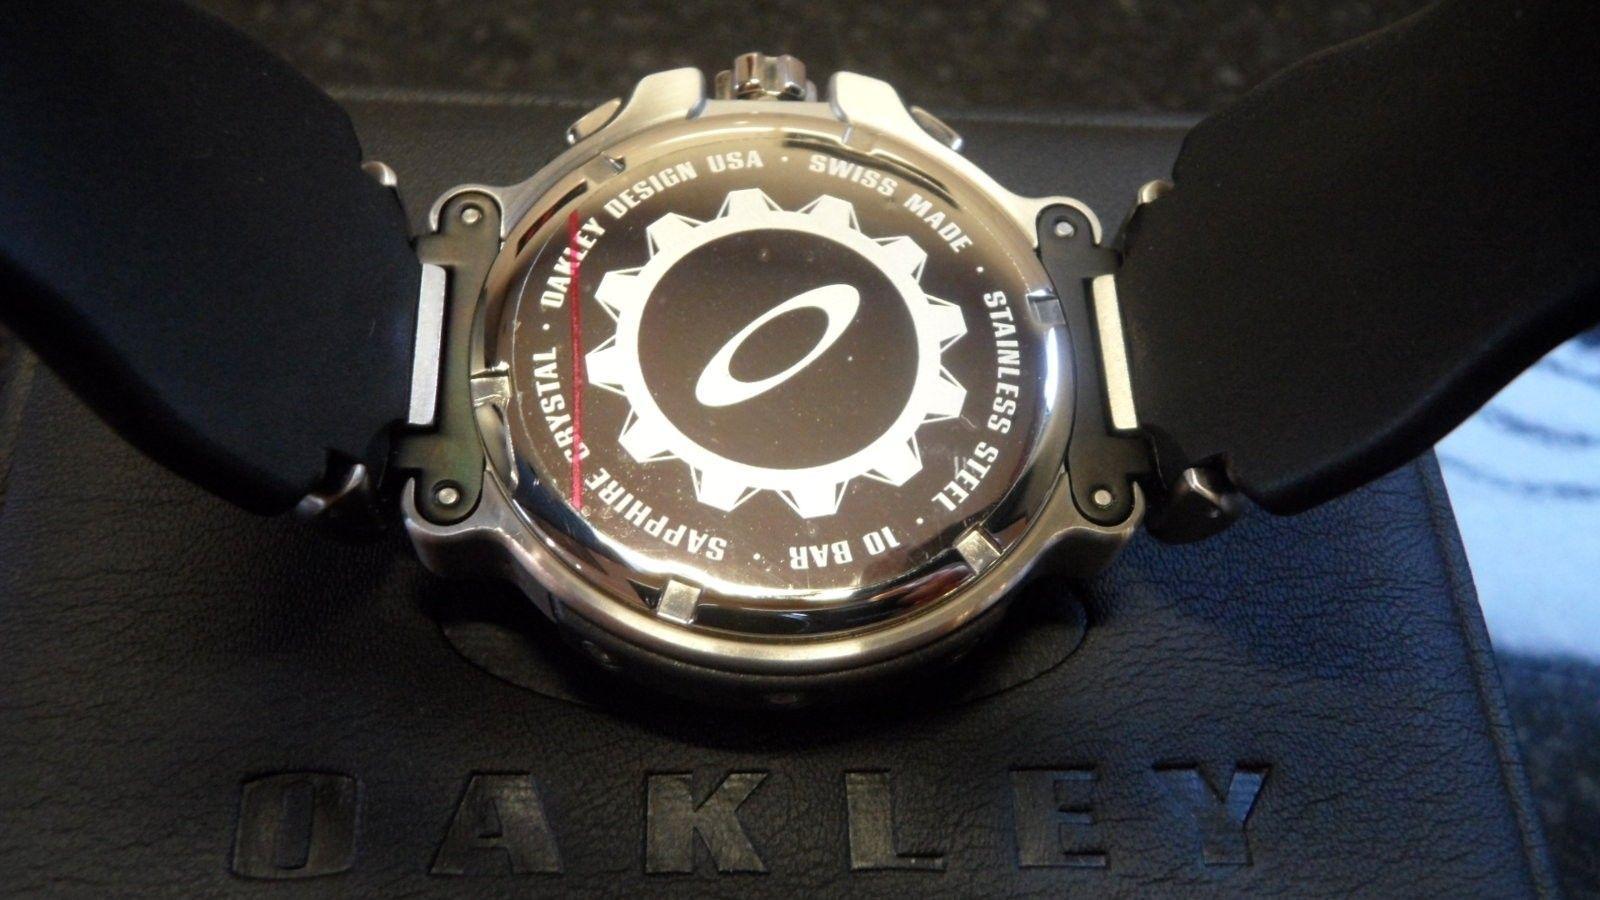 Brand New Crankcase Watch Stainless Steel/Black with Unobtanium - SAM_0006.JPG